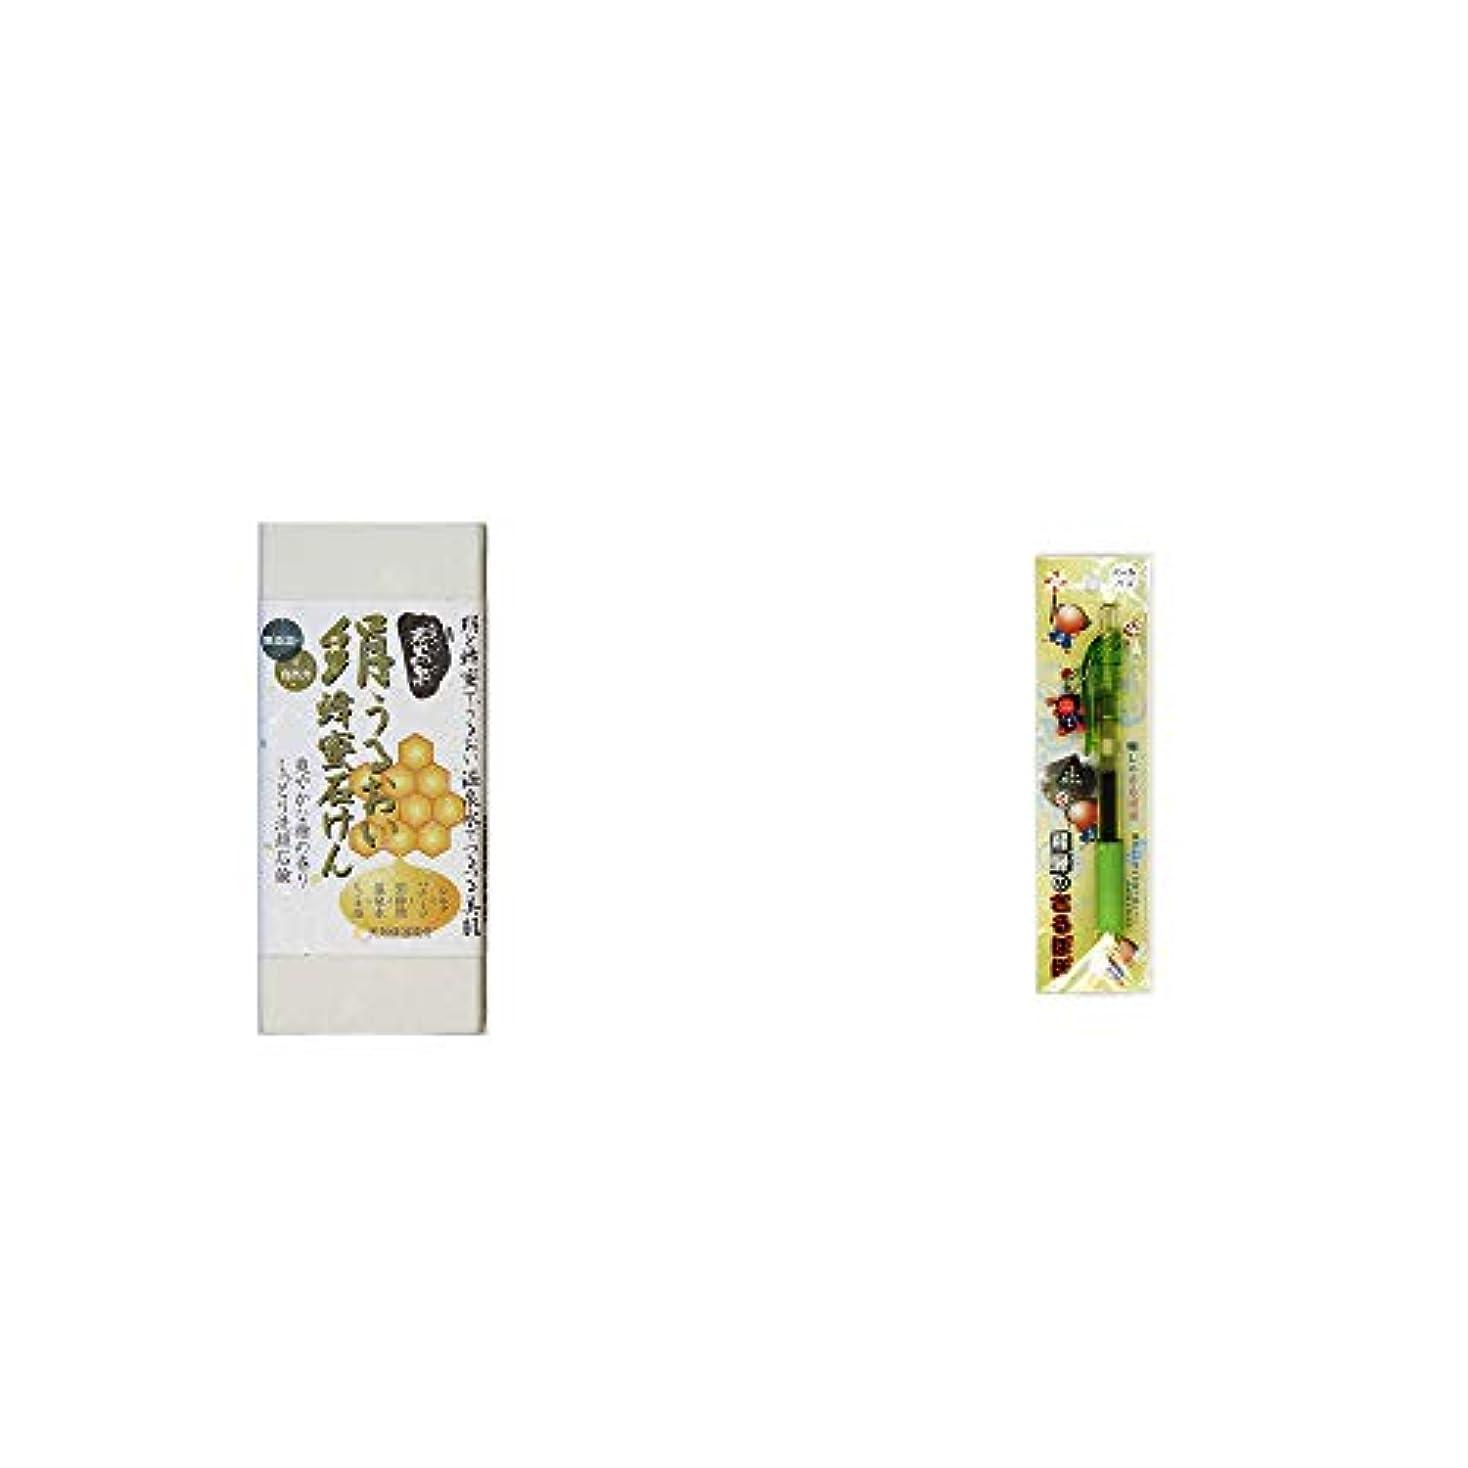 ソケット遺伝的発見[2点セット] ひのき炭黒泉 絹うるおい蜂蜜石けん(75g×2)?さるぼぼ 癒しボールペン 【グリーン】